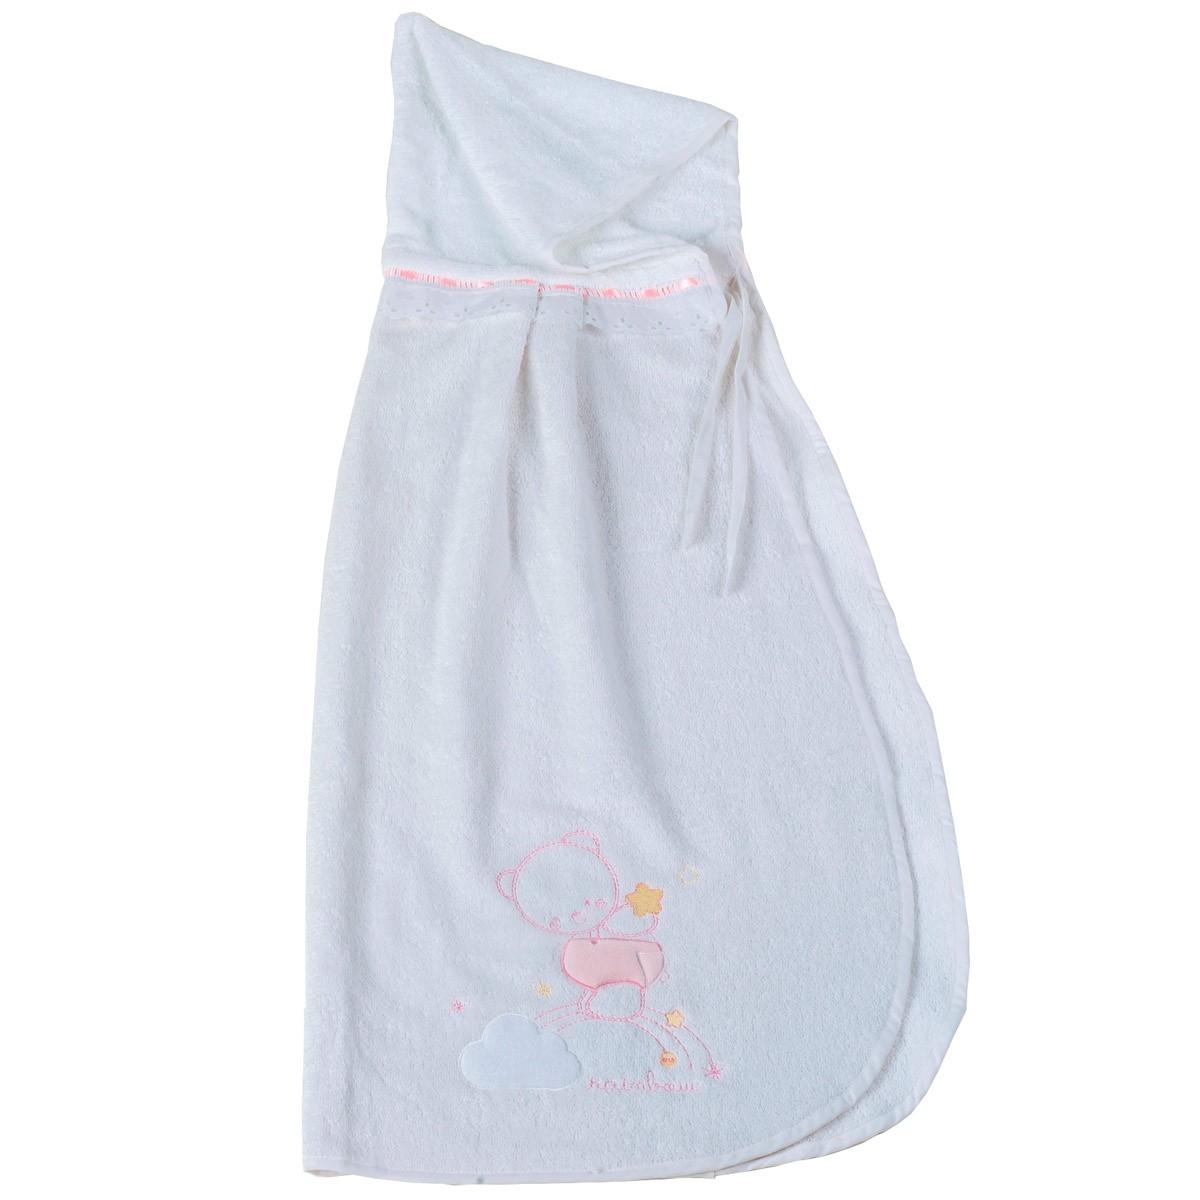 Βρεφική Κάπα Κόσμος Του Μωρού Rainbow 0460 Ροζ